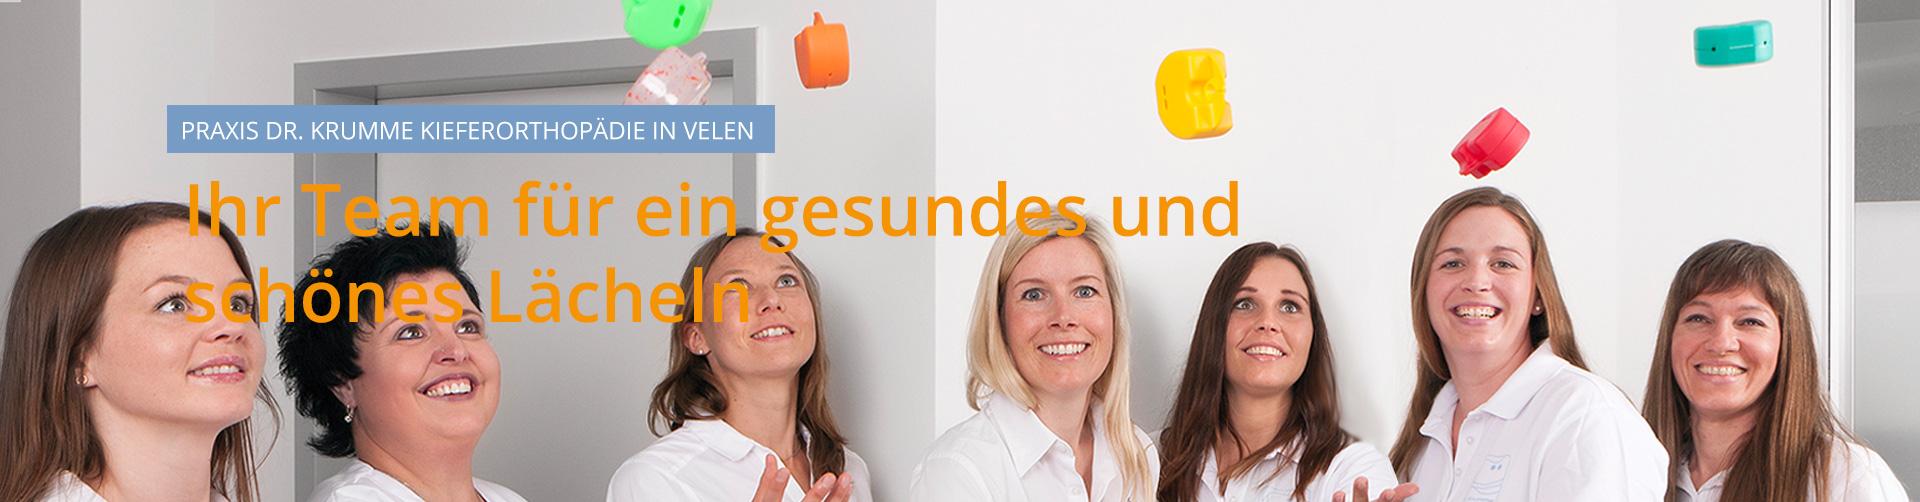 Startseite_Slider_Herzlich_Willkommen_neu